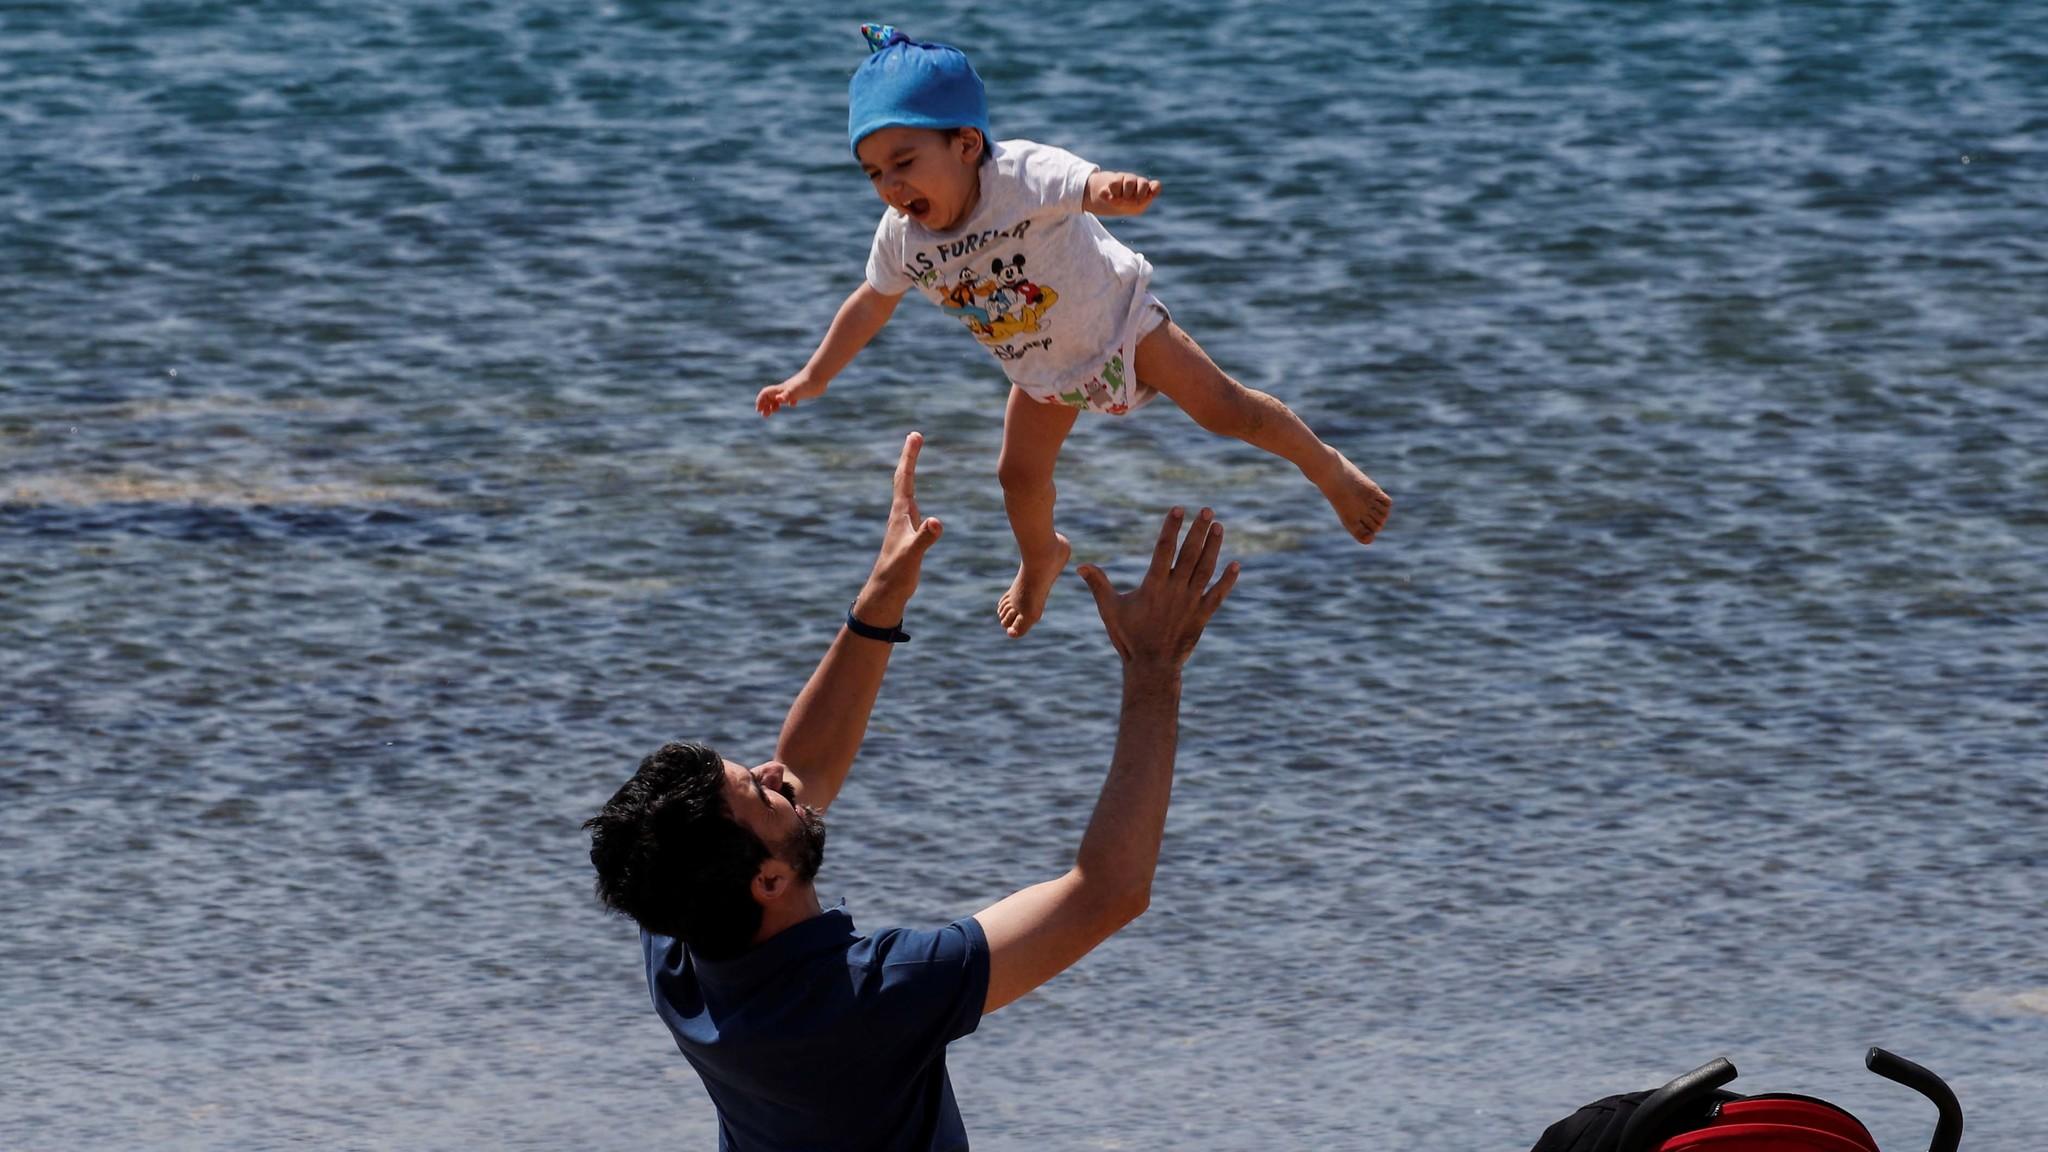 Día del Padre 2020: ¿Cuándo se celebra en México y por qué se conmemora? | MARCA Claro México